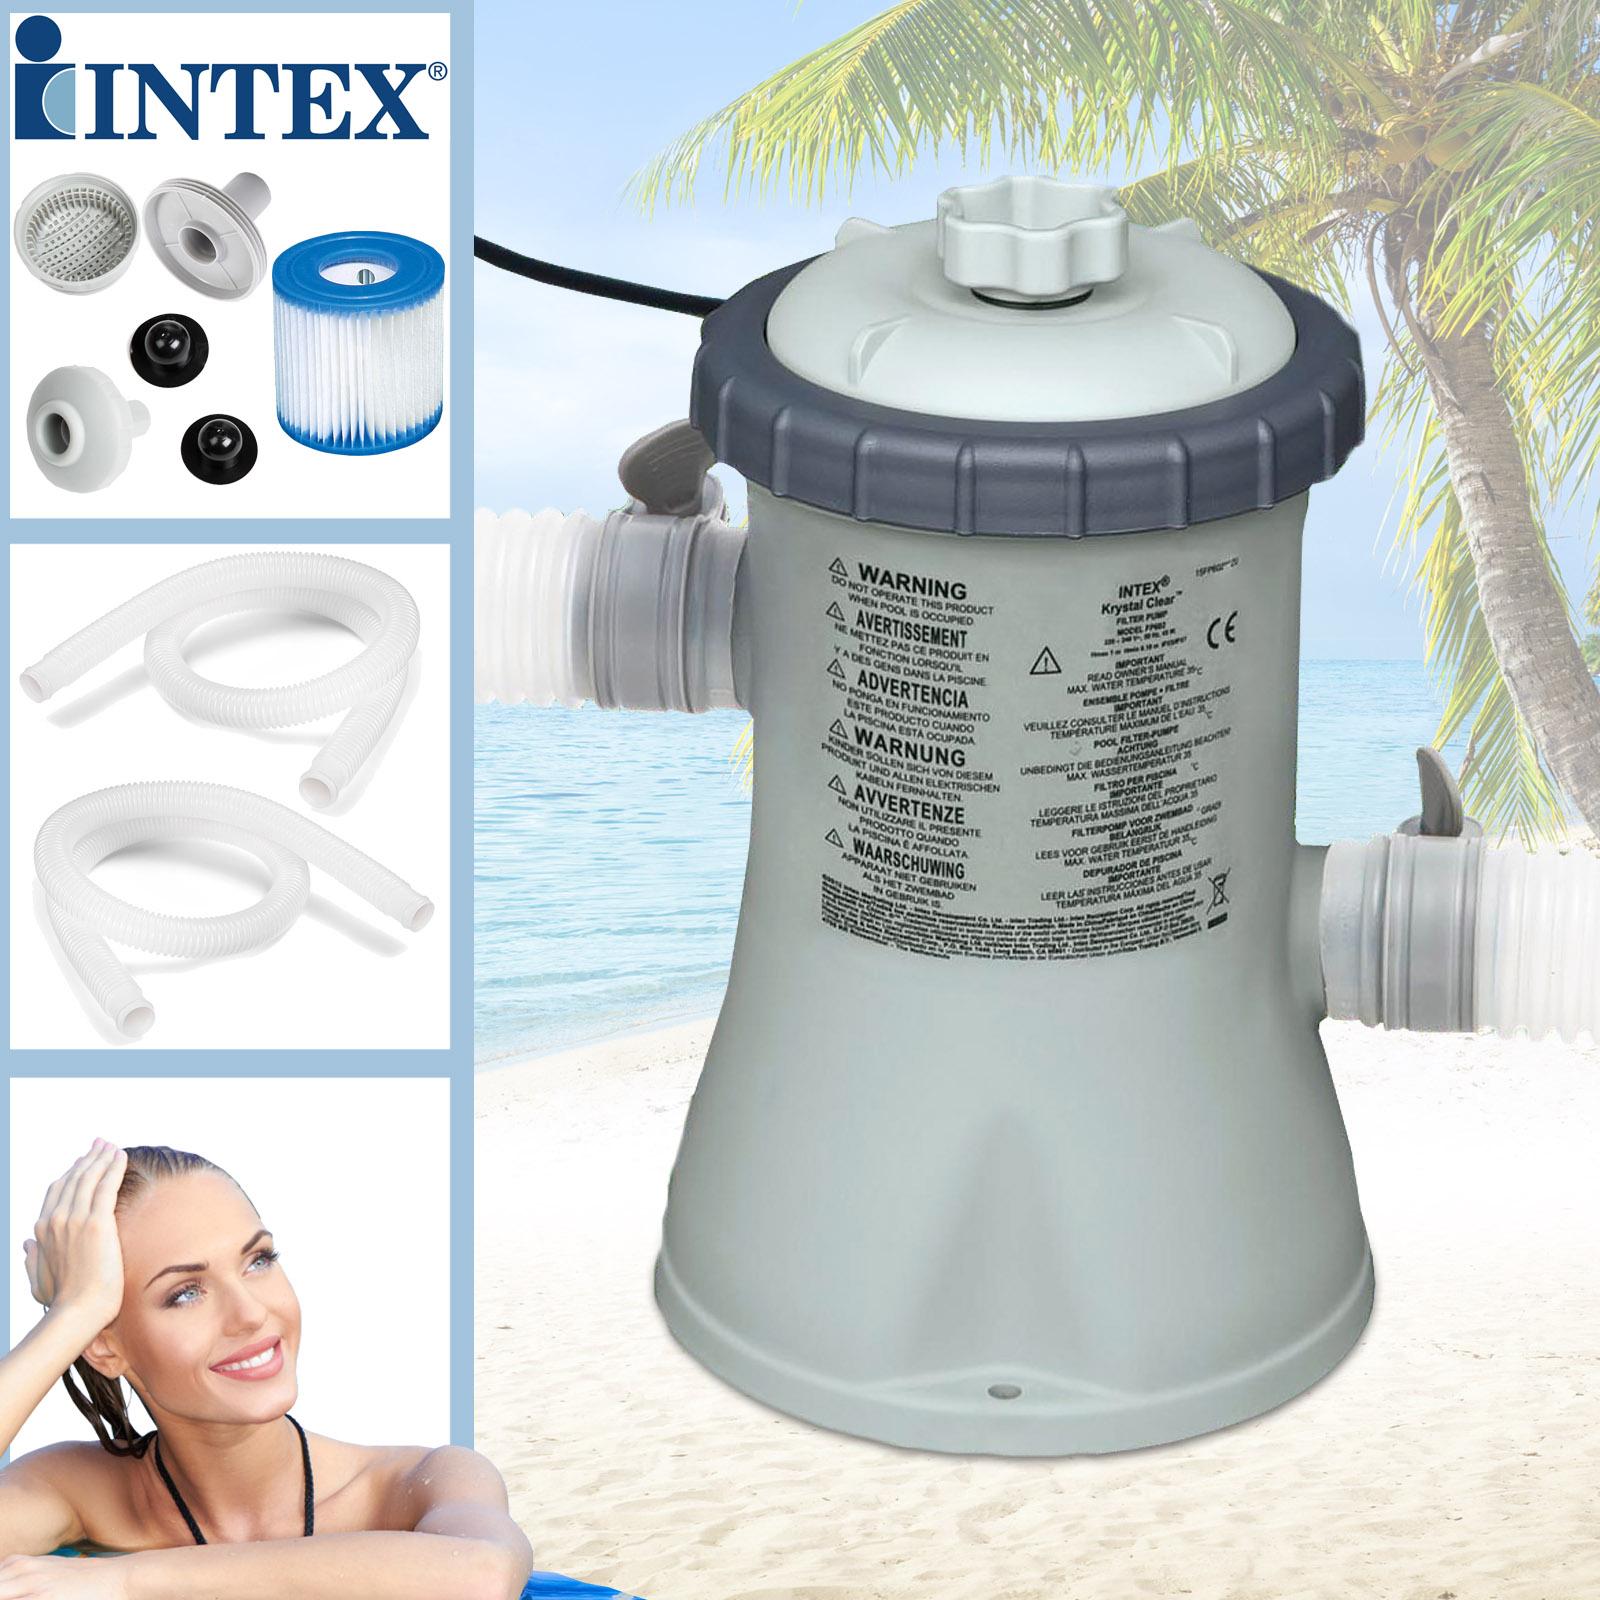 Intex Kartuschenfilteranlage Typ ECO 1250  - Pumpleistung 1250 Liter/h